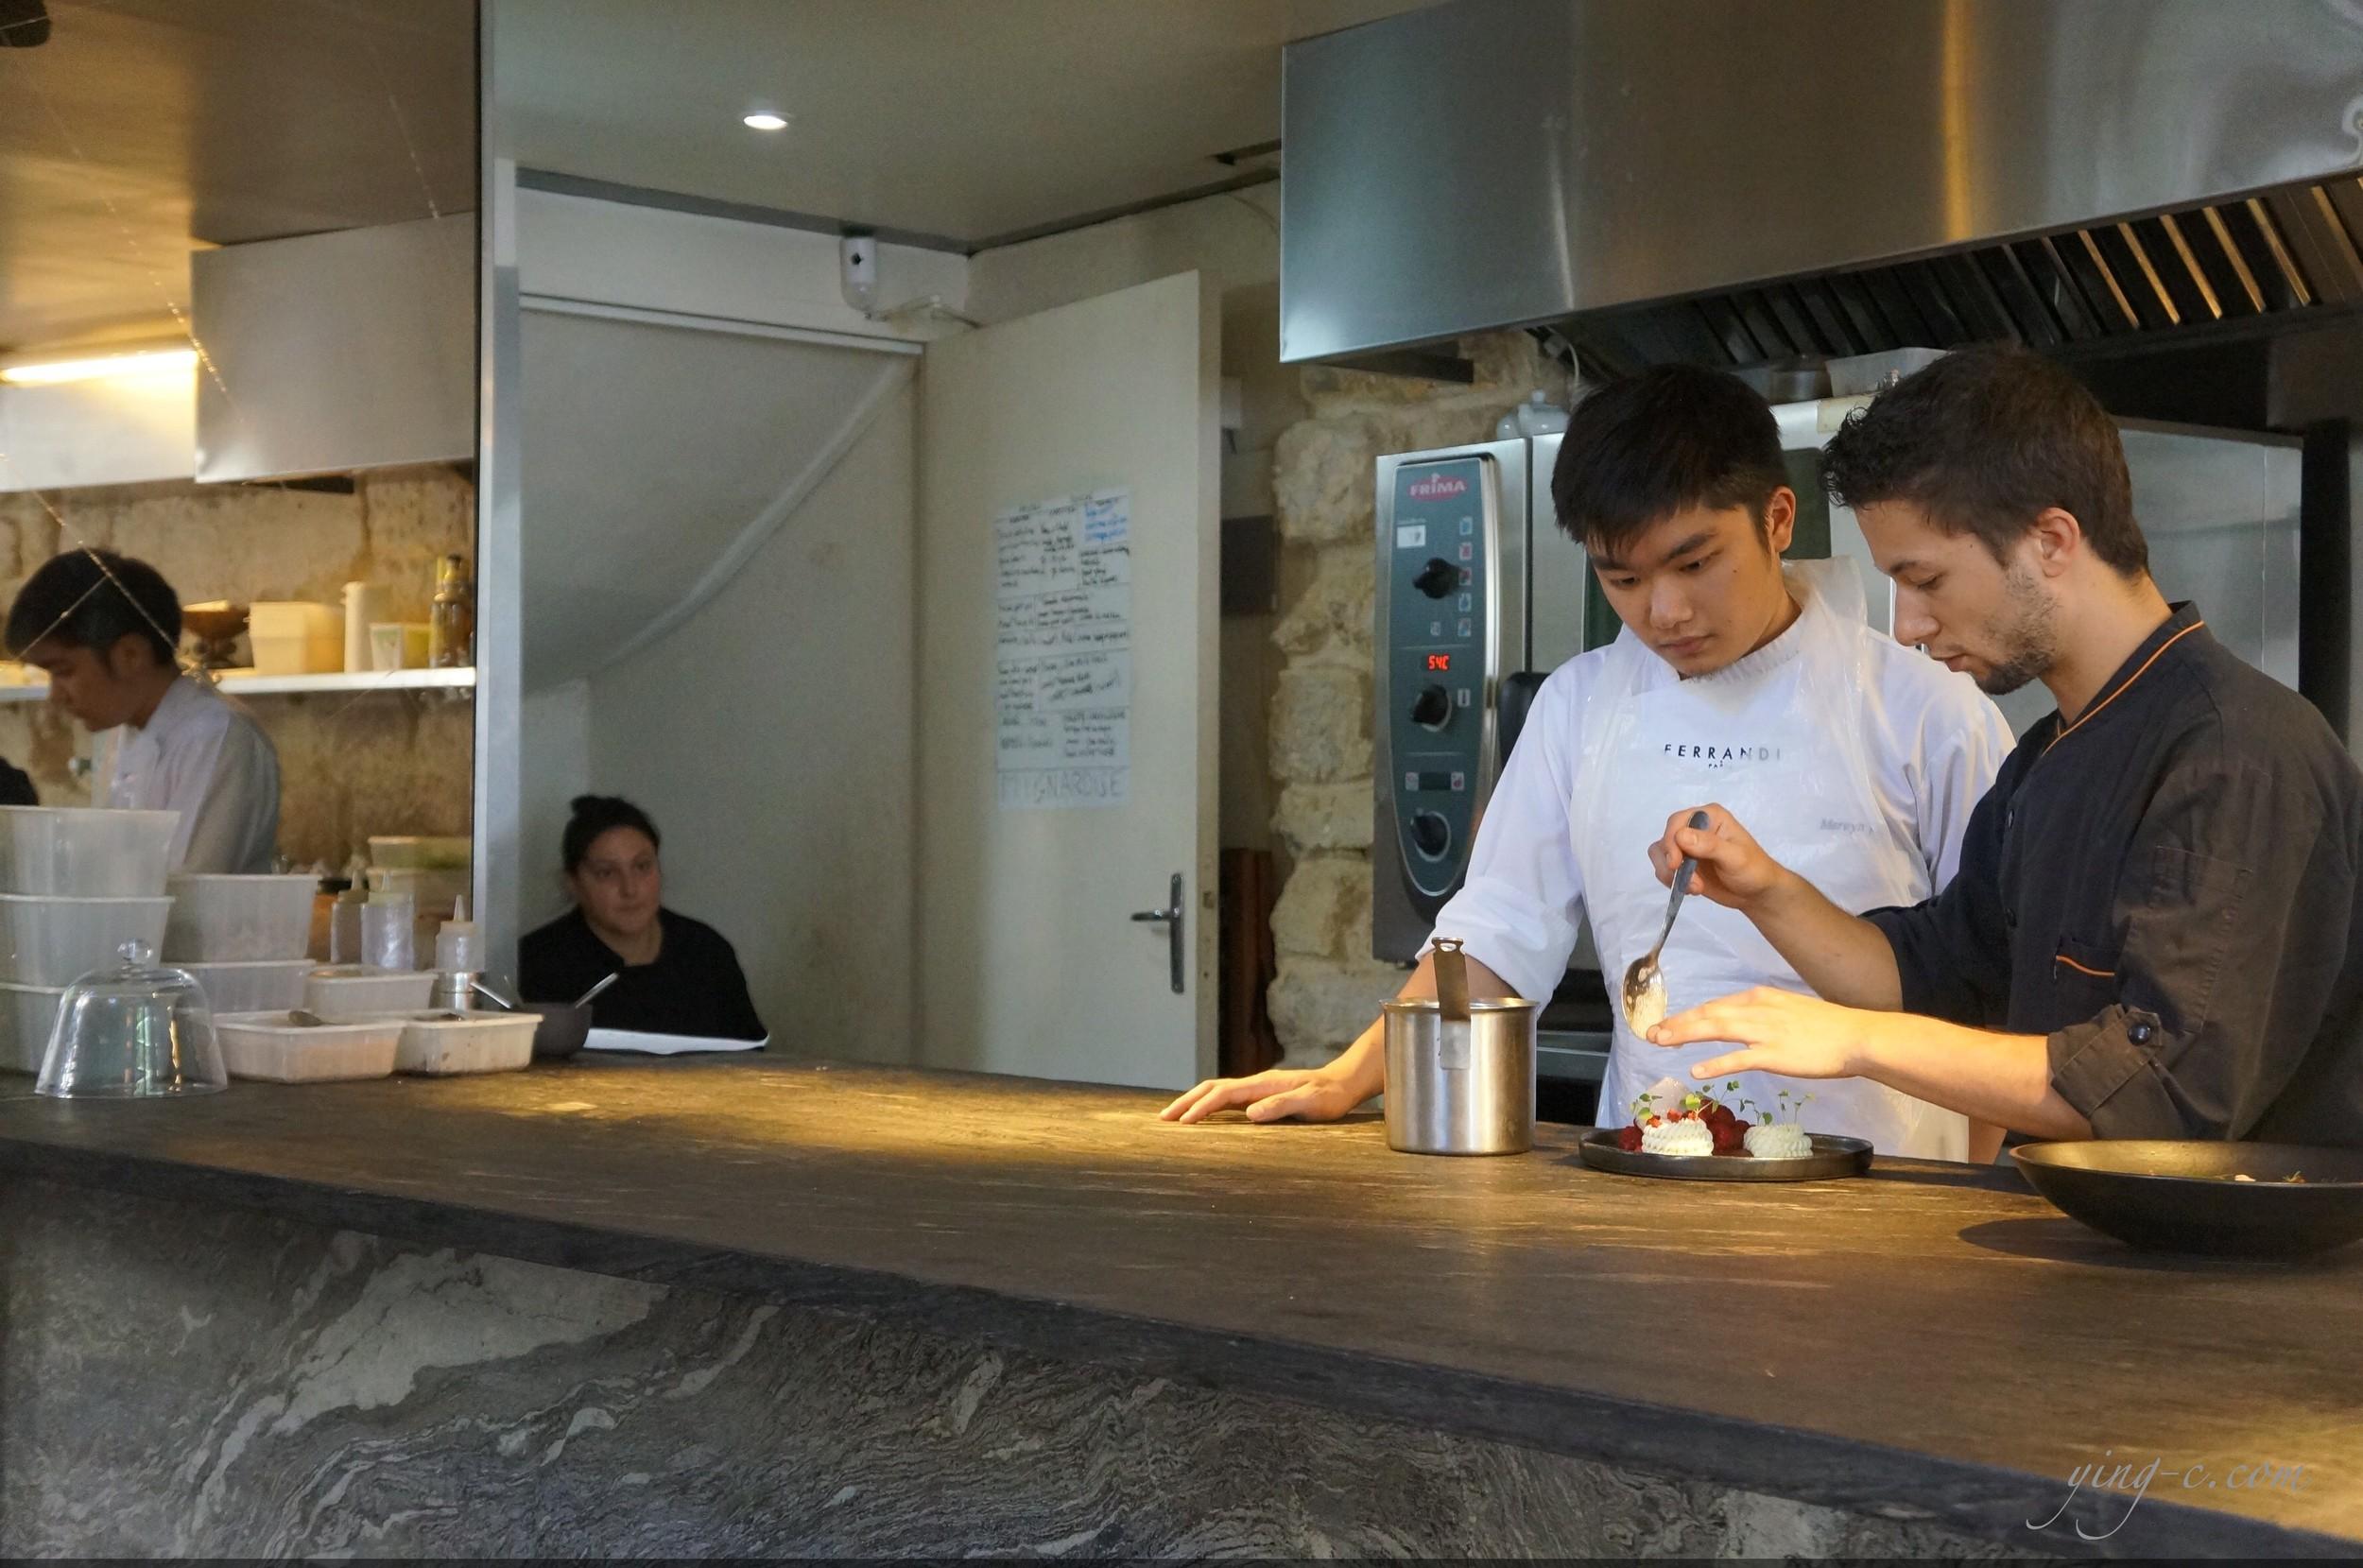 Dessance有一個非常寬敞而且燈光明亮的櫃檯,客人可以坐在旁邊直接近距離地觀賞甜點創作。